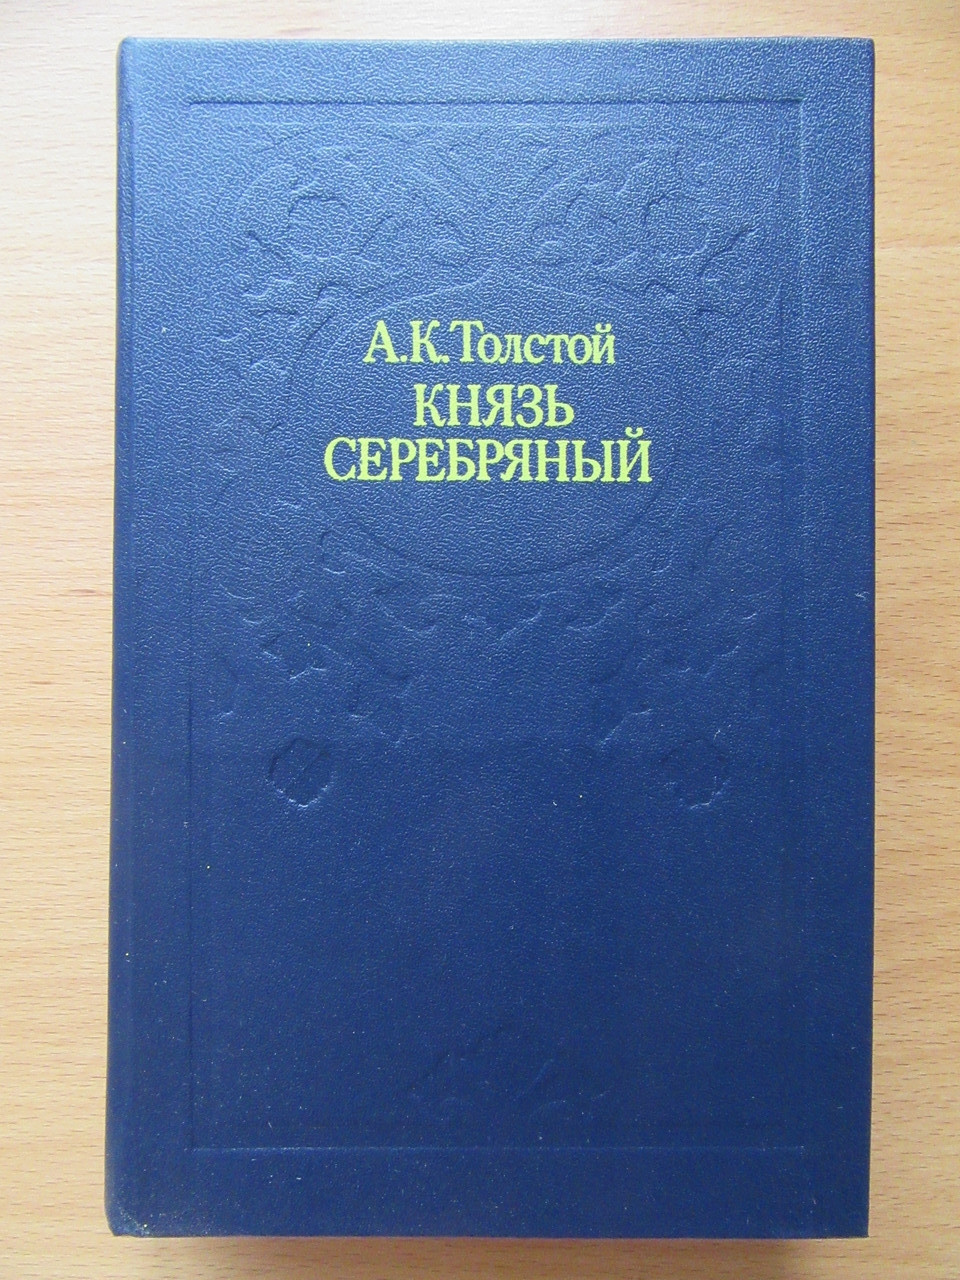 А.К.Толстой. Князь серебряный